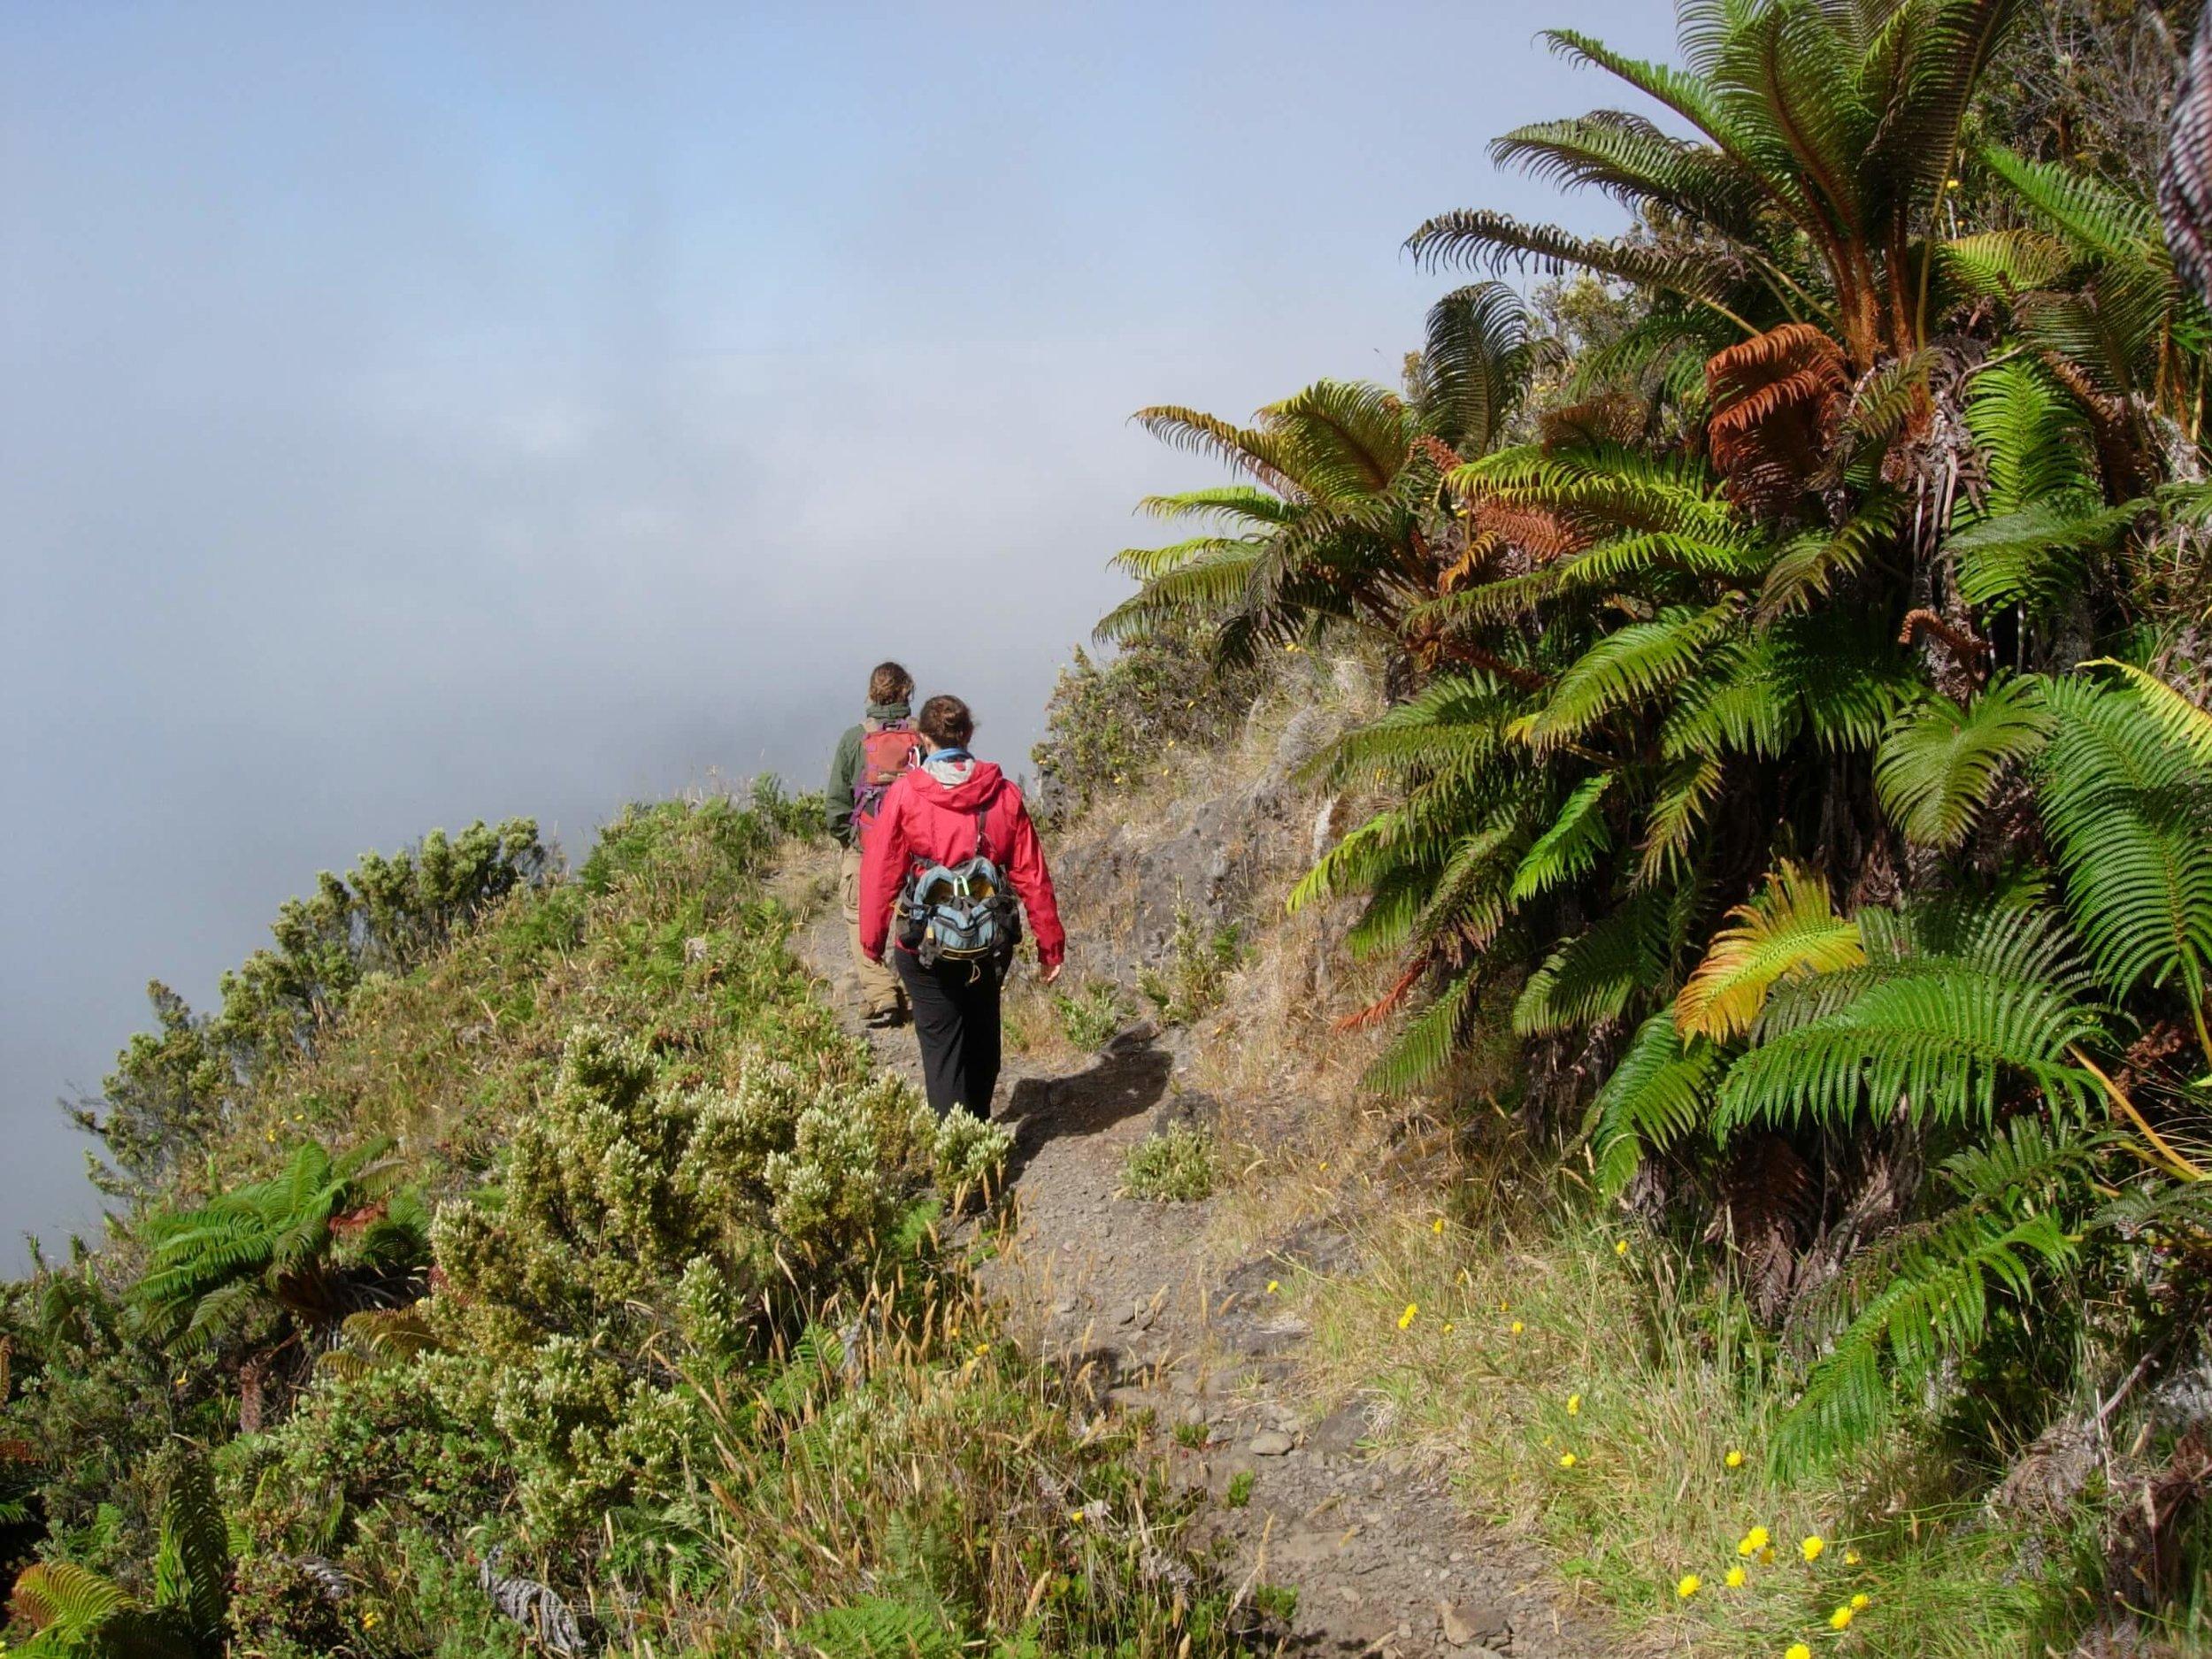 Hiking at Haleakala National Park